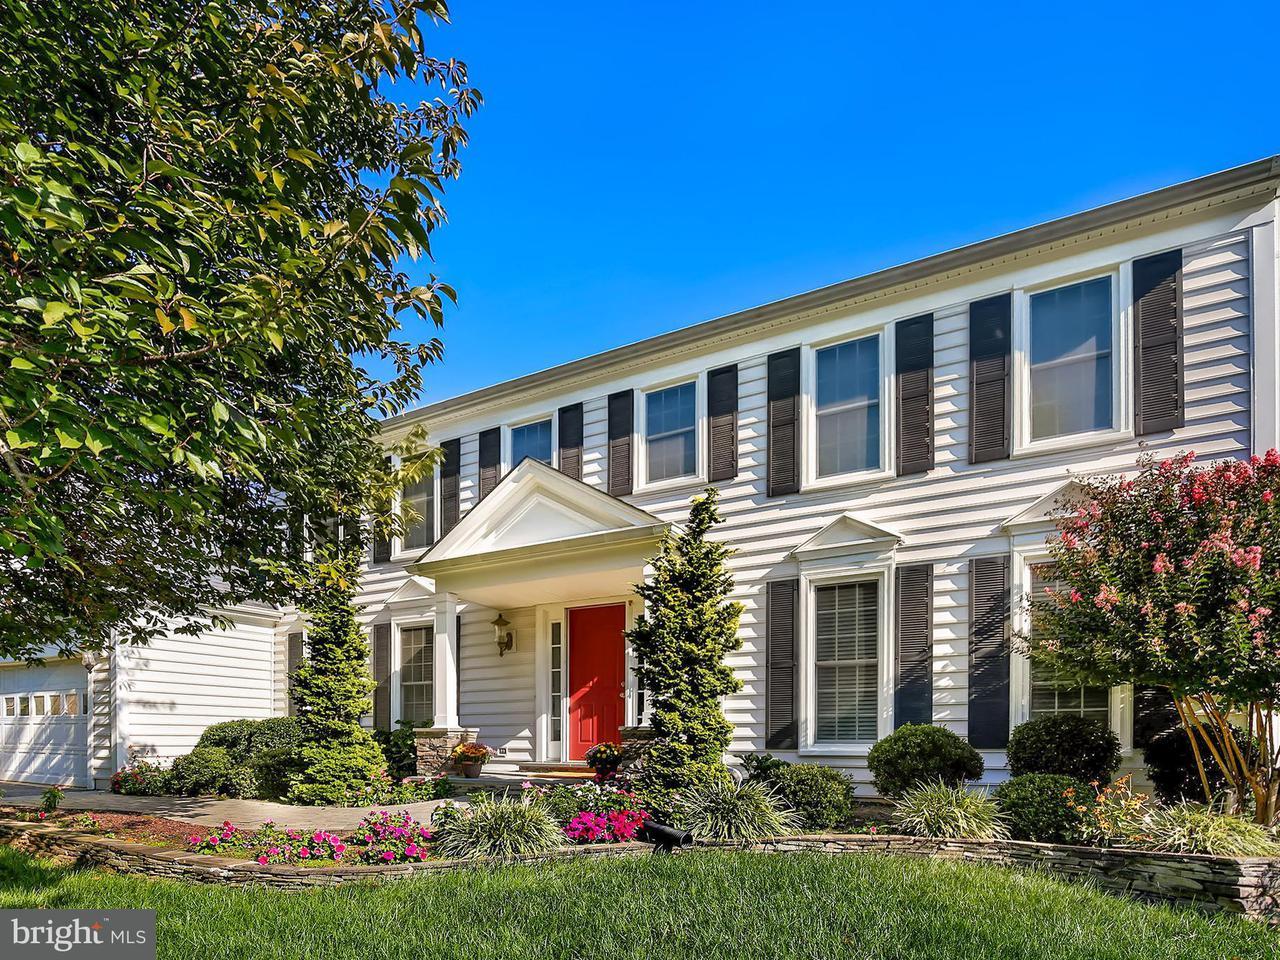 Maison unifamiliale pour l Vente à 12609 Falconbridge Drive 12609 Falconbridge Drive North Potomac, Maryland 20878 États-Unis